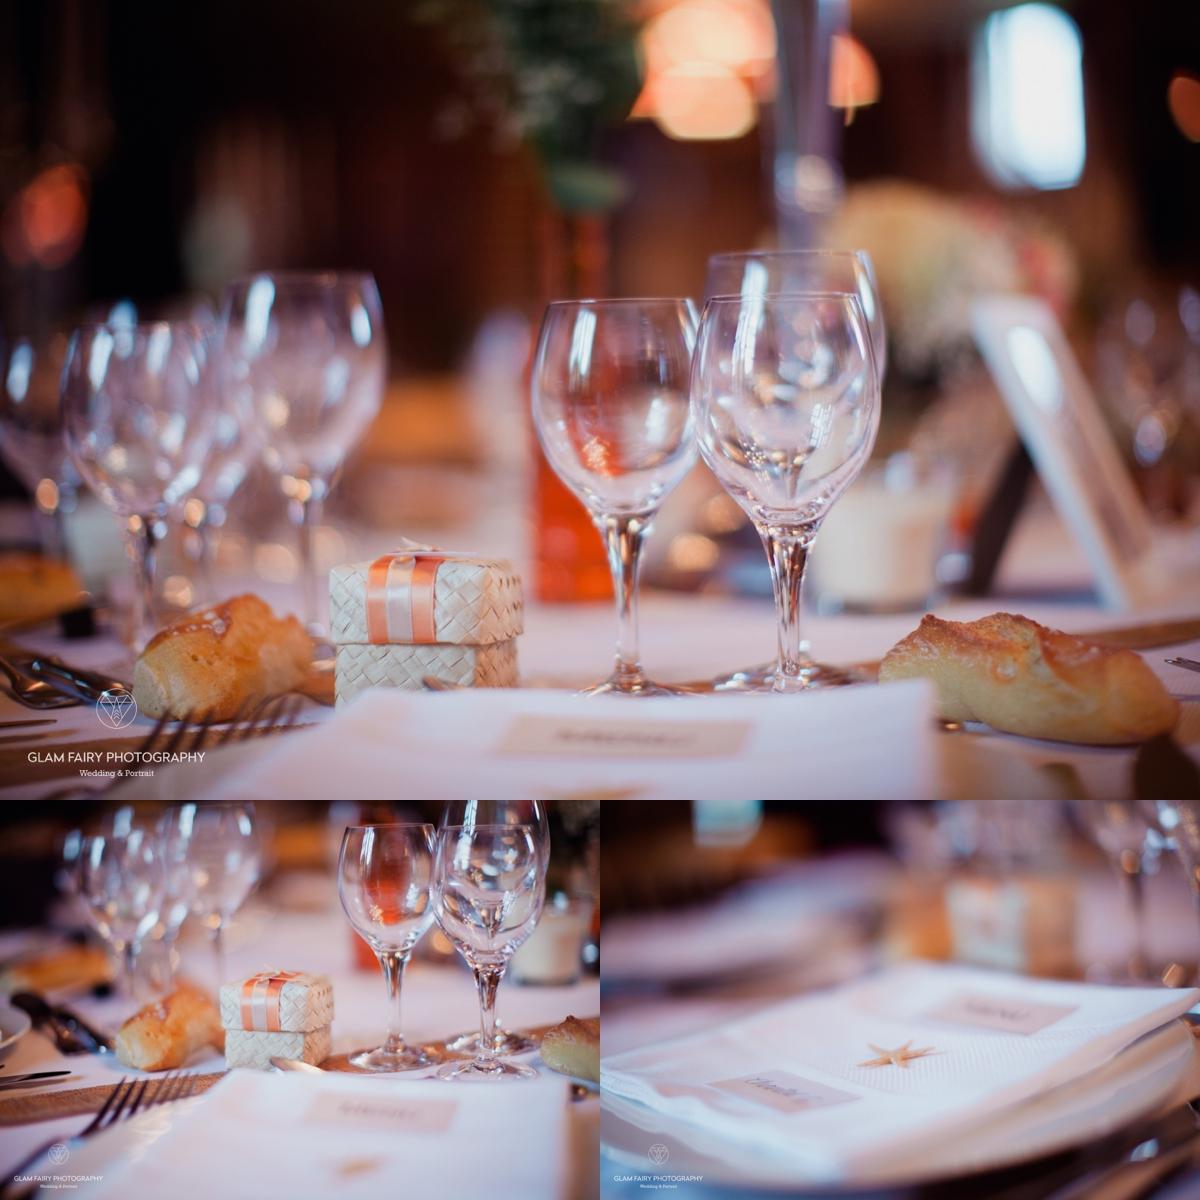 glamfairyphotography-mariage-manoir-de-portejoie-anais_0059